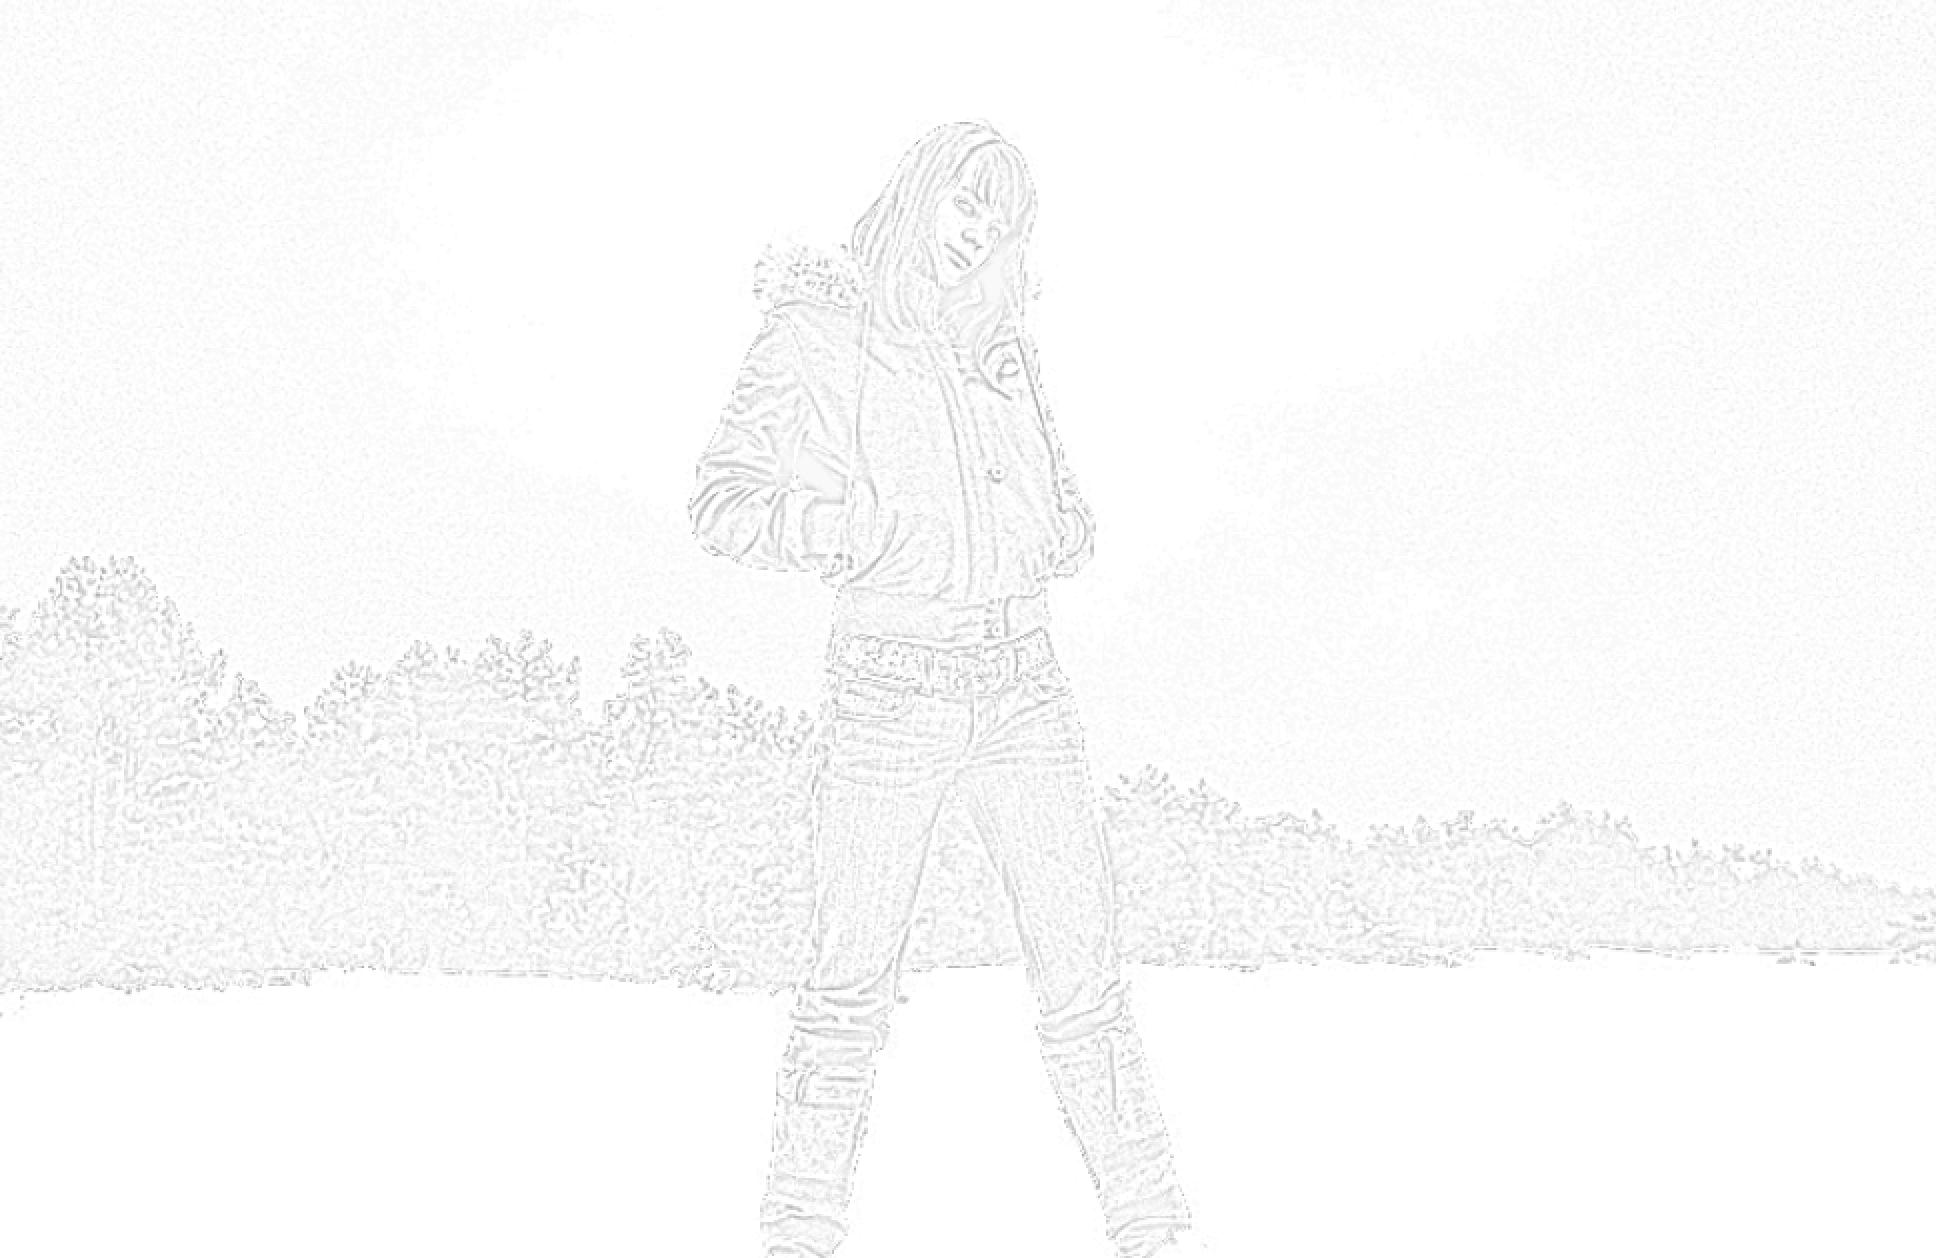 GIMP - voorbeeld van foto die omgezet werd naar een tekening